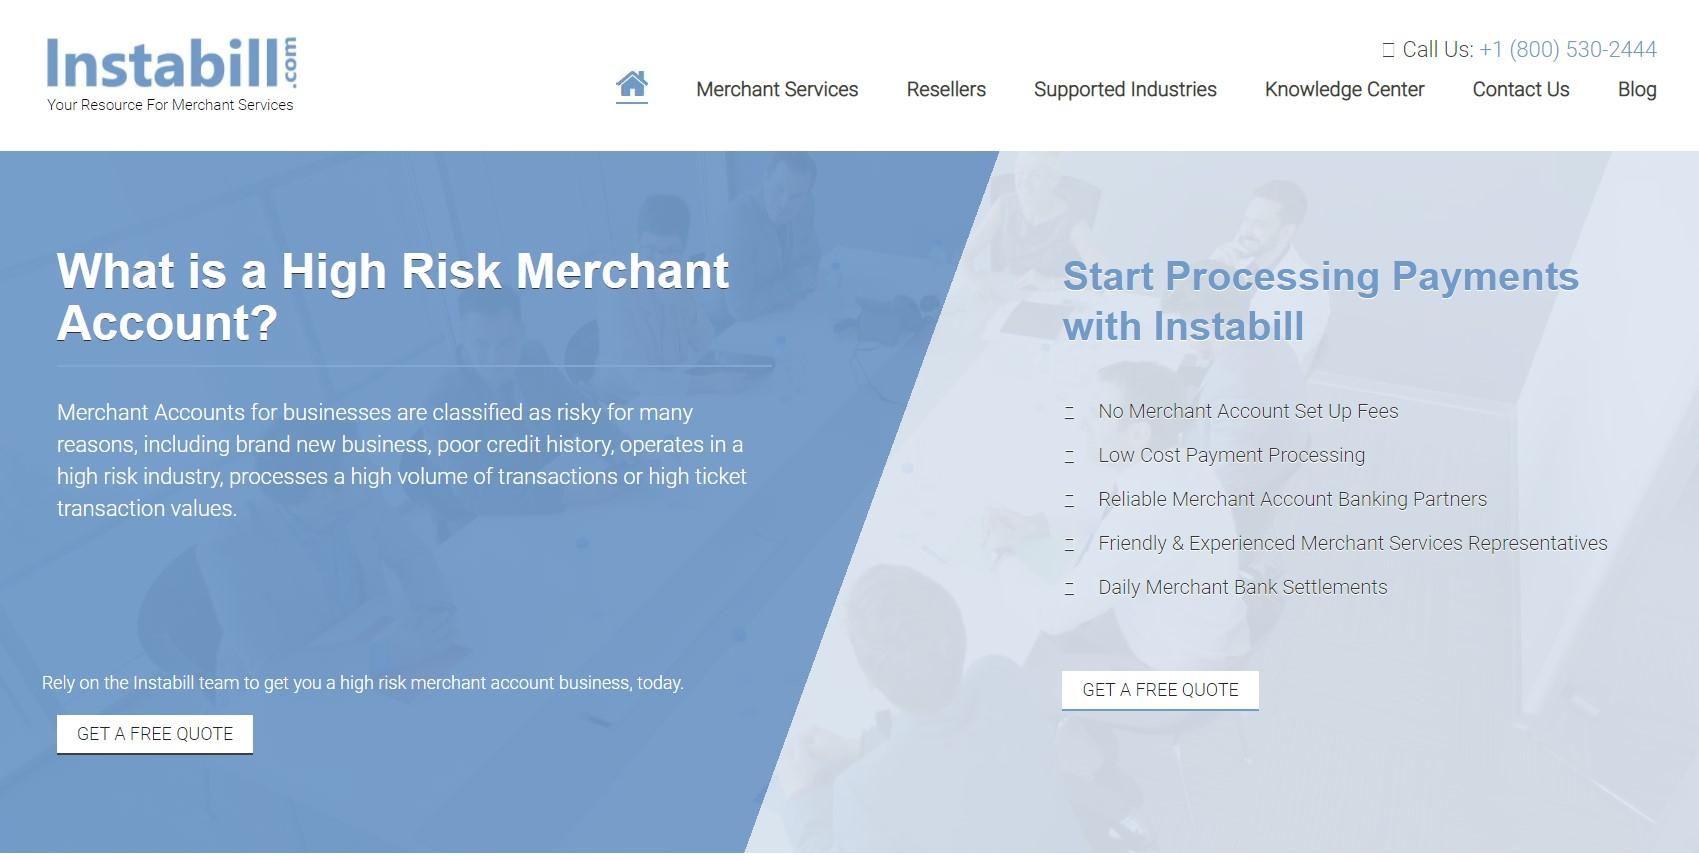 Instabill - High Risk Merchant Account provider